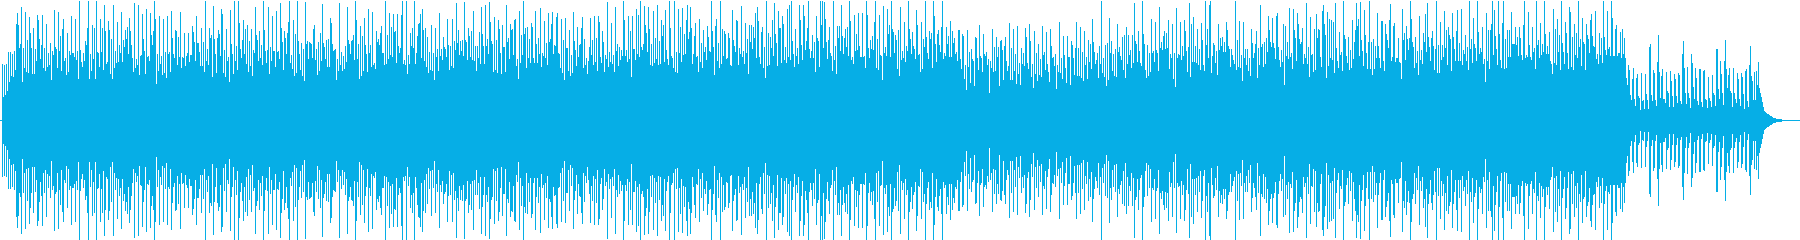 和風の三味線テクノの再生済みの波形